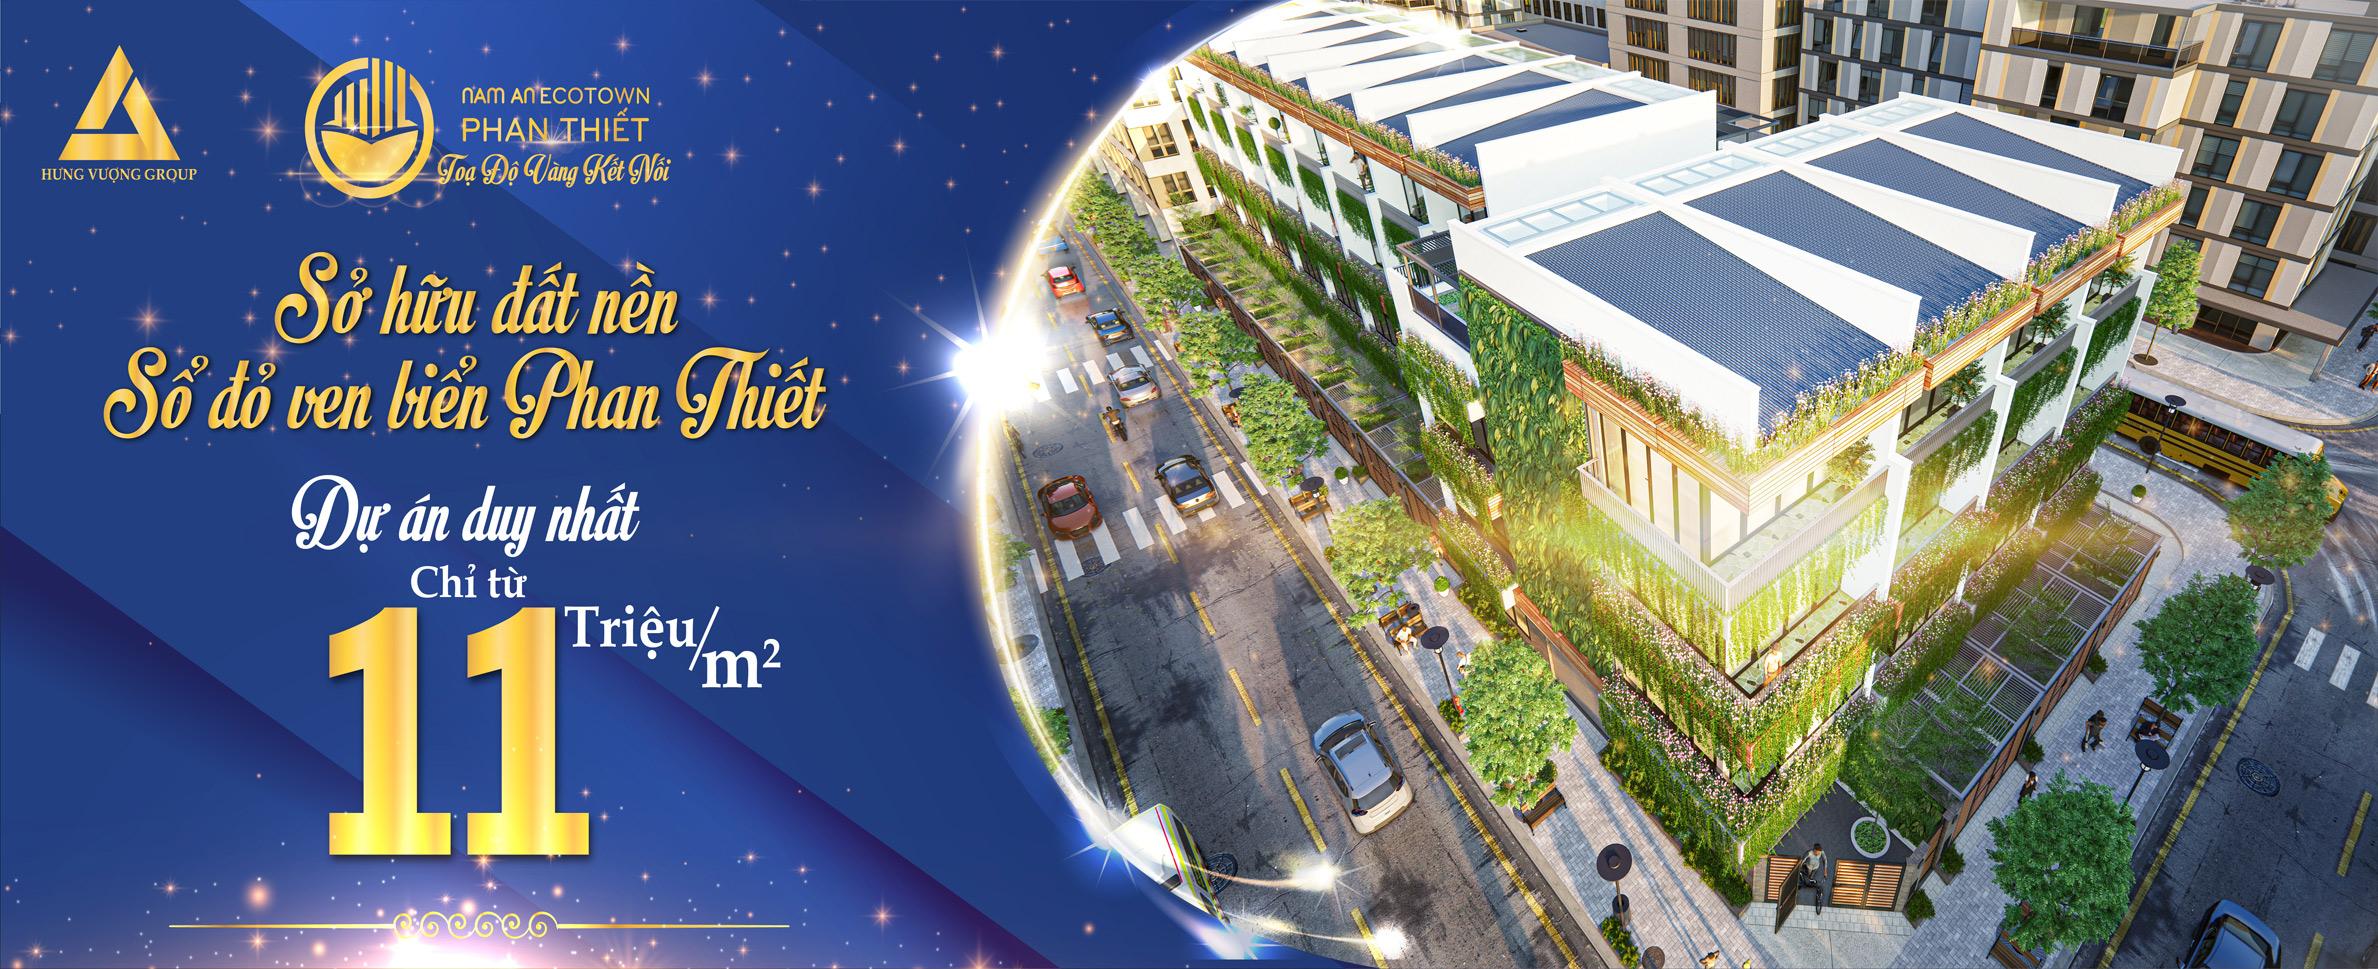 Nam An Ecotown Phan Thiết